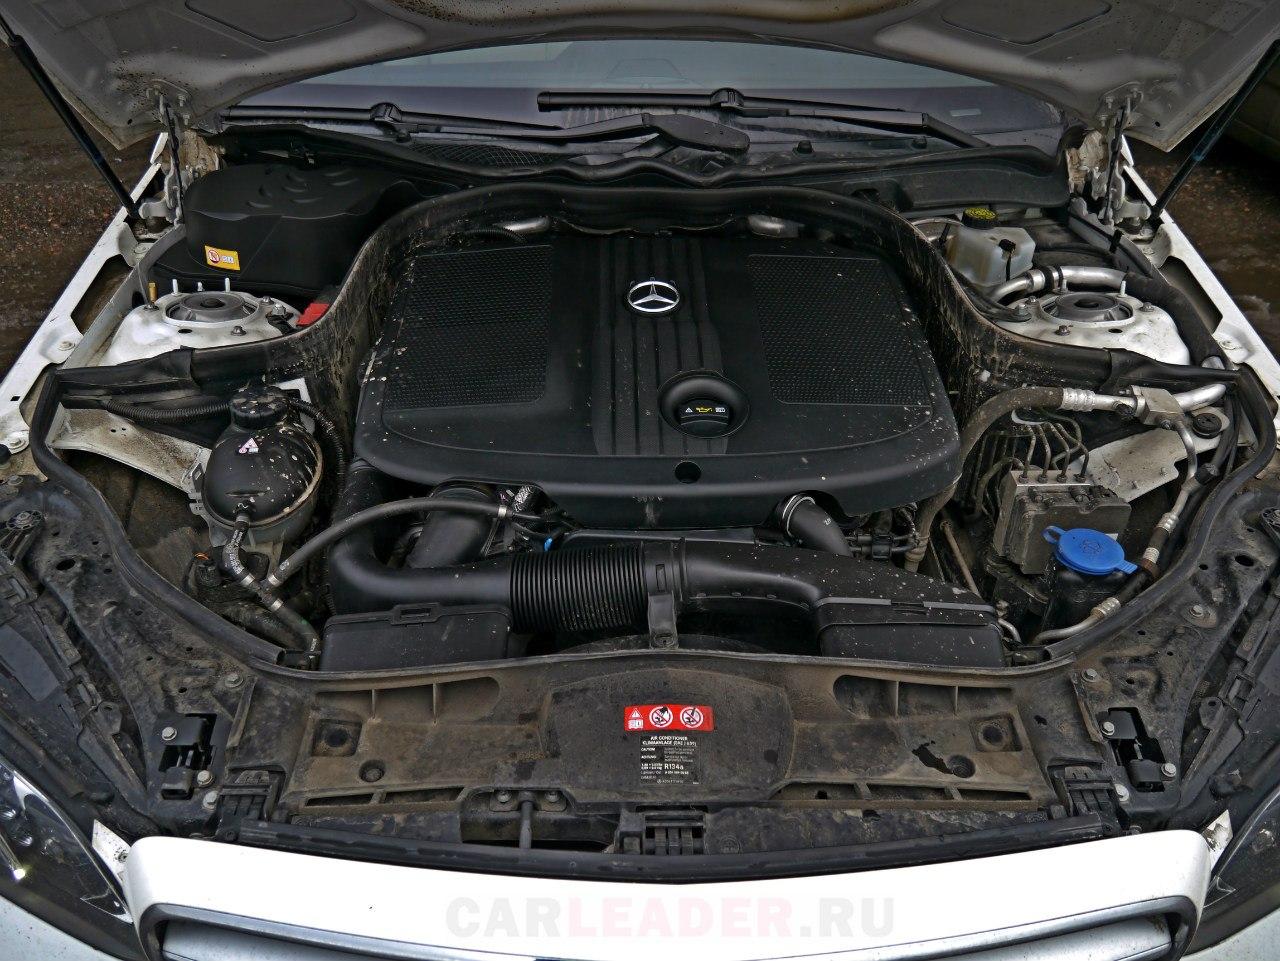 И даже подкапотное отделение Mercedes-Benz E 250 радует своим качеством.